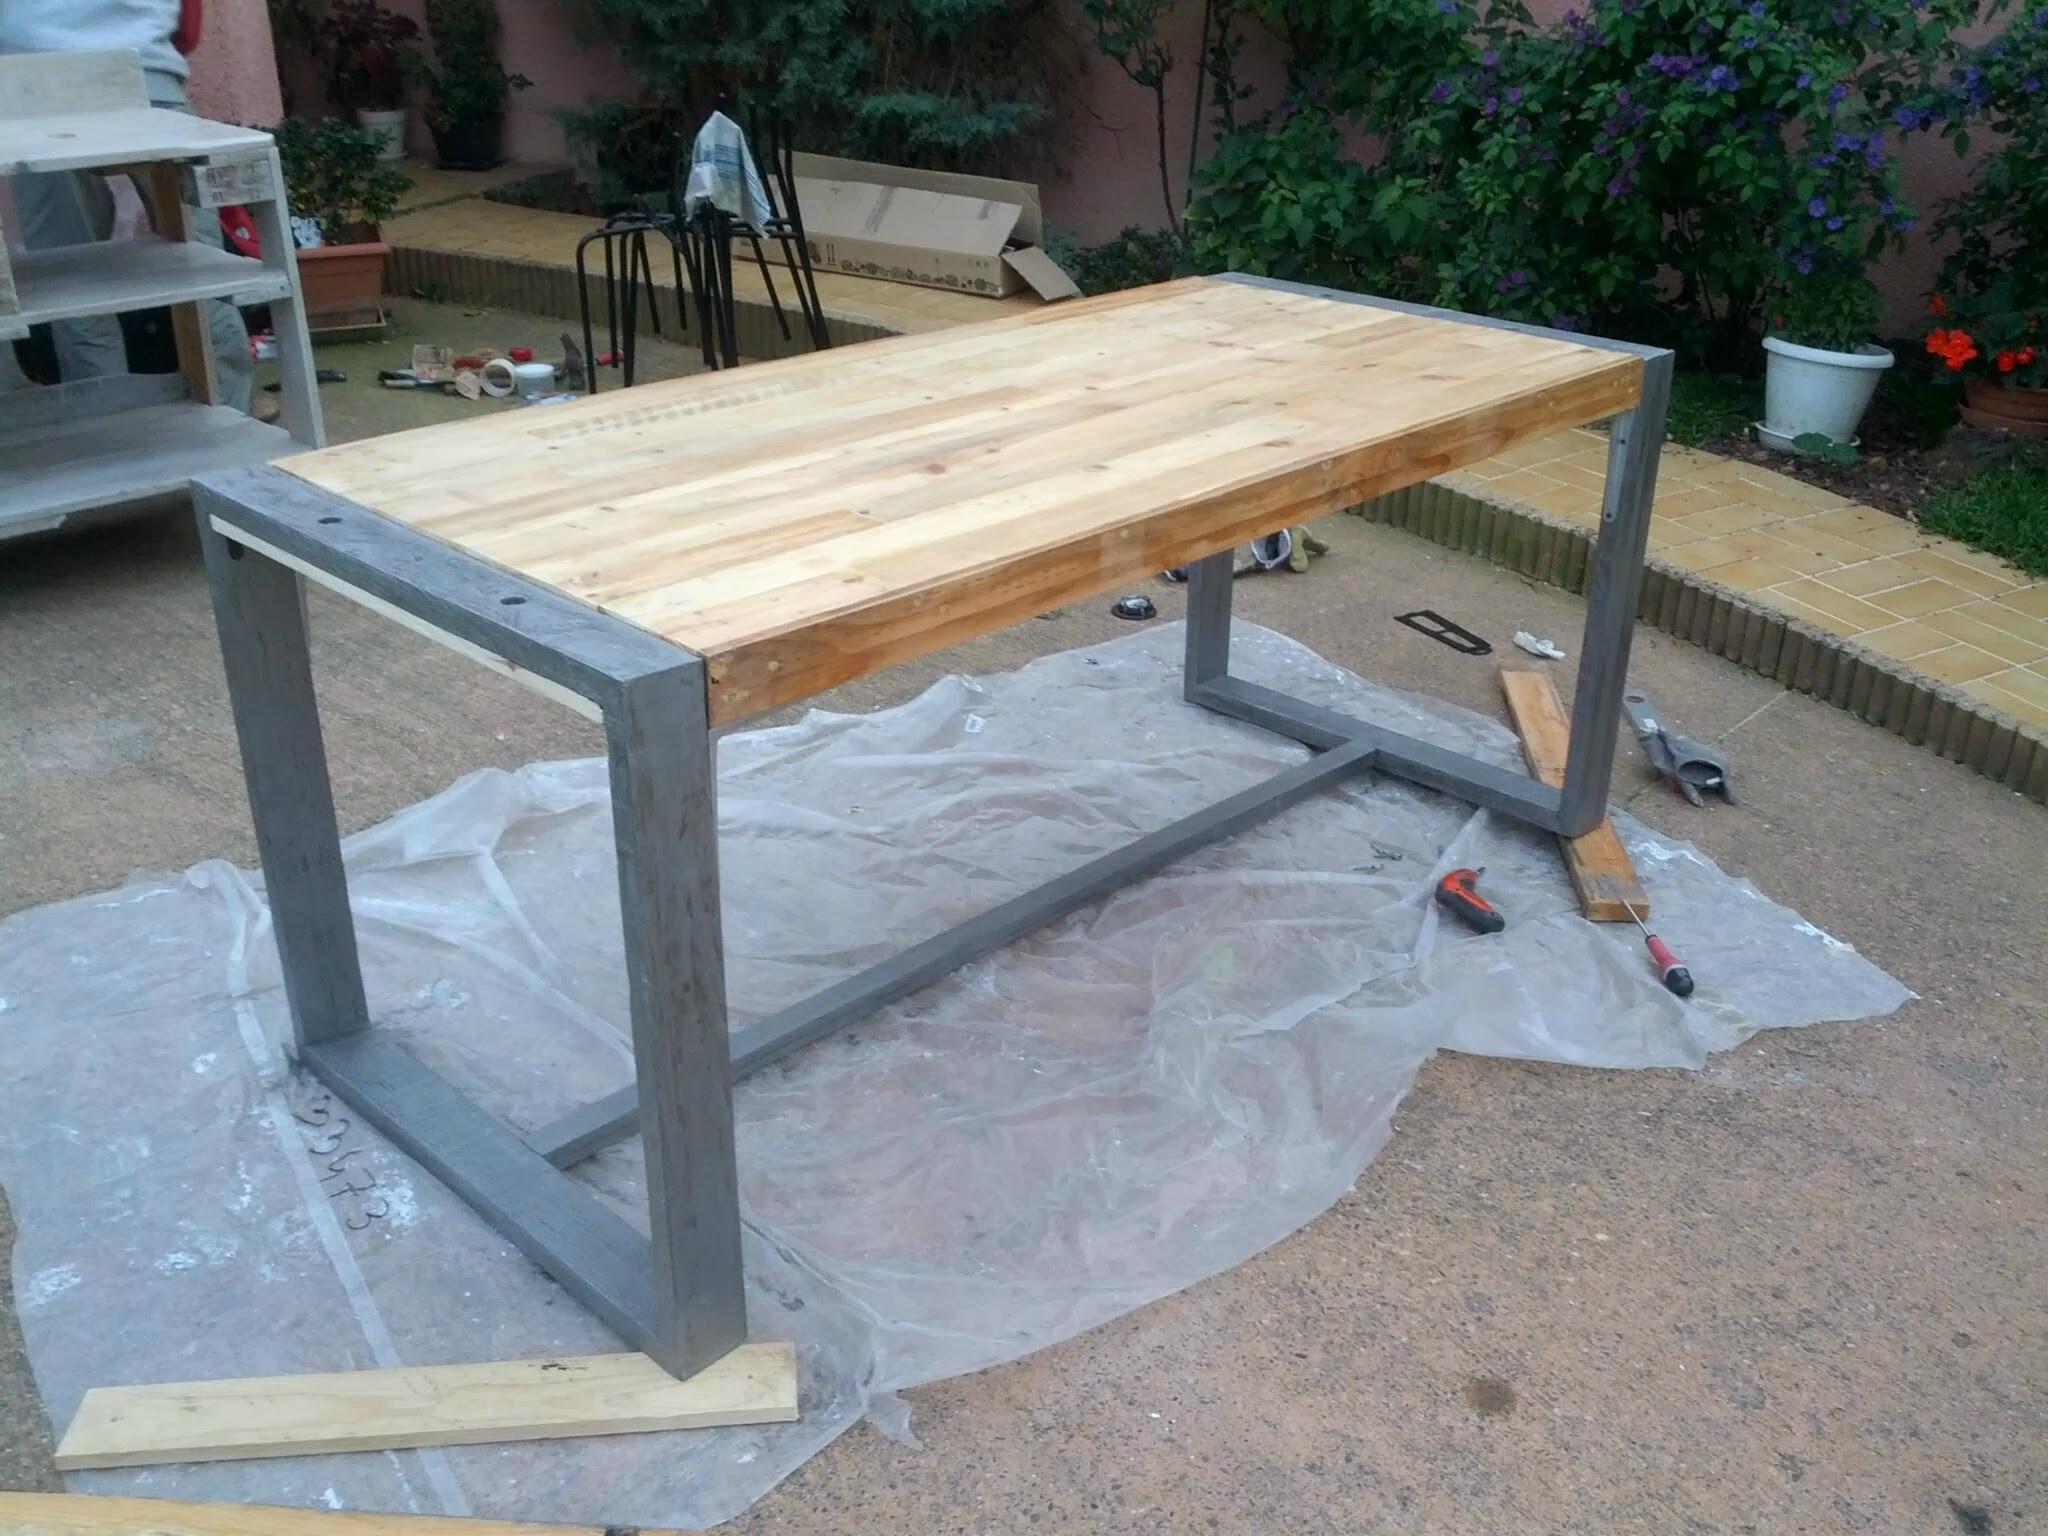 Fabriquer Table De Jardin Schème - Idees Conception Jardin destiné Table De Jardin En Bois Avec Banc Integre